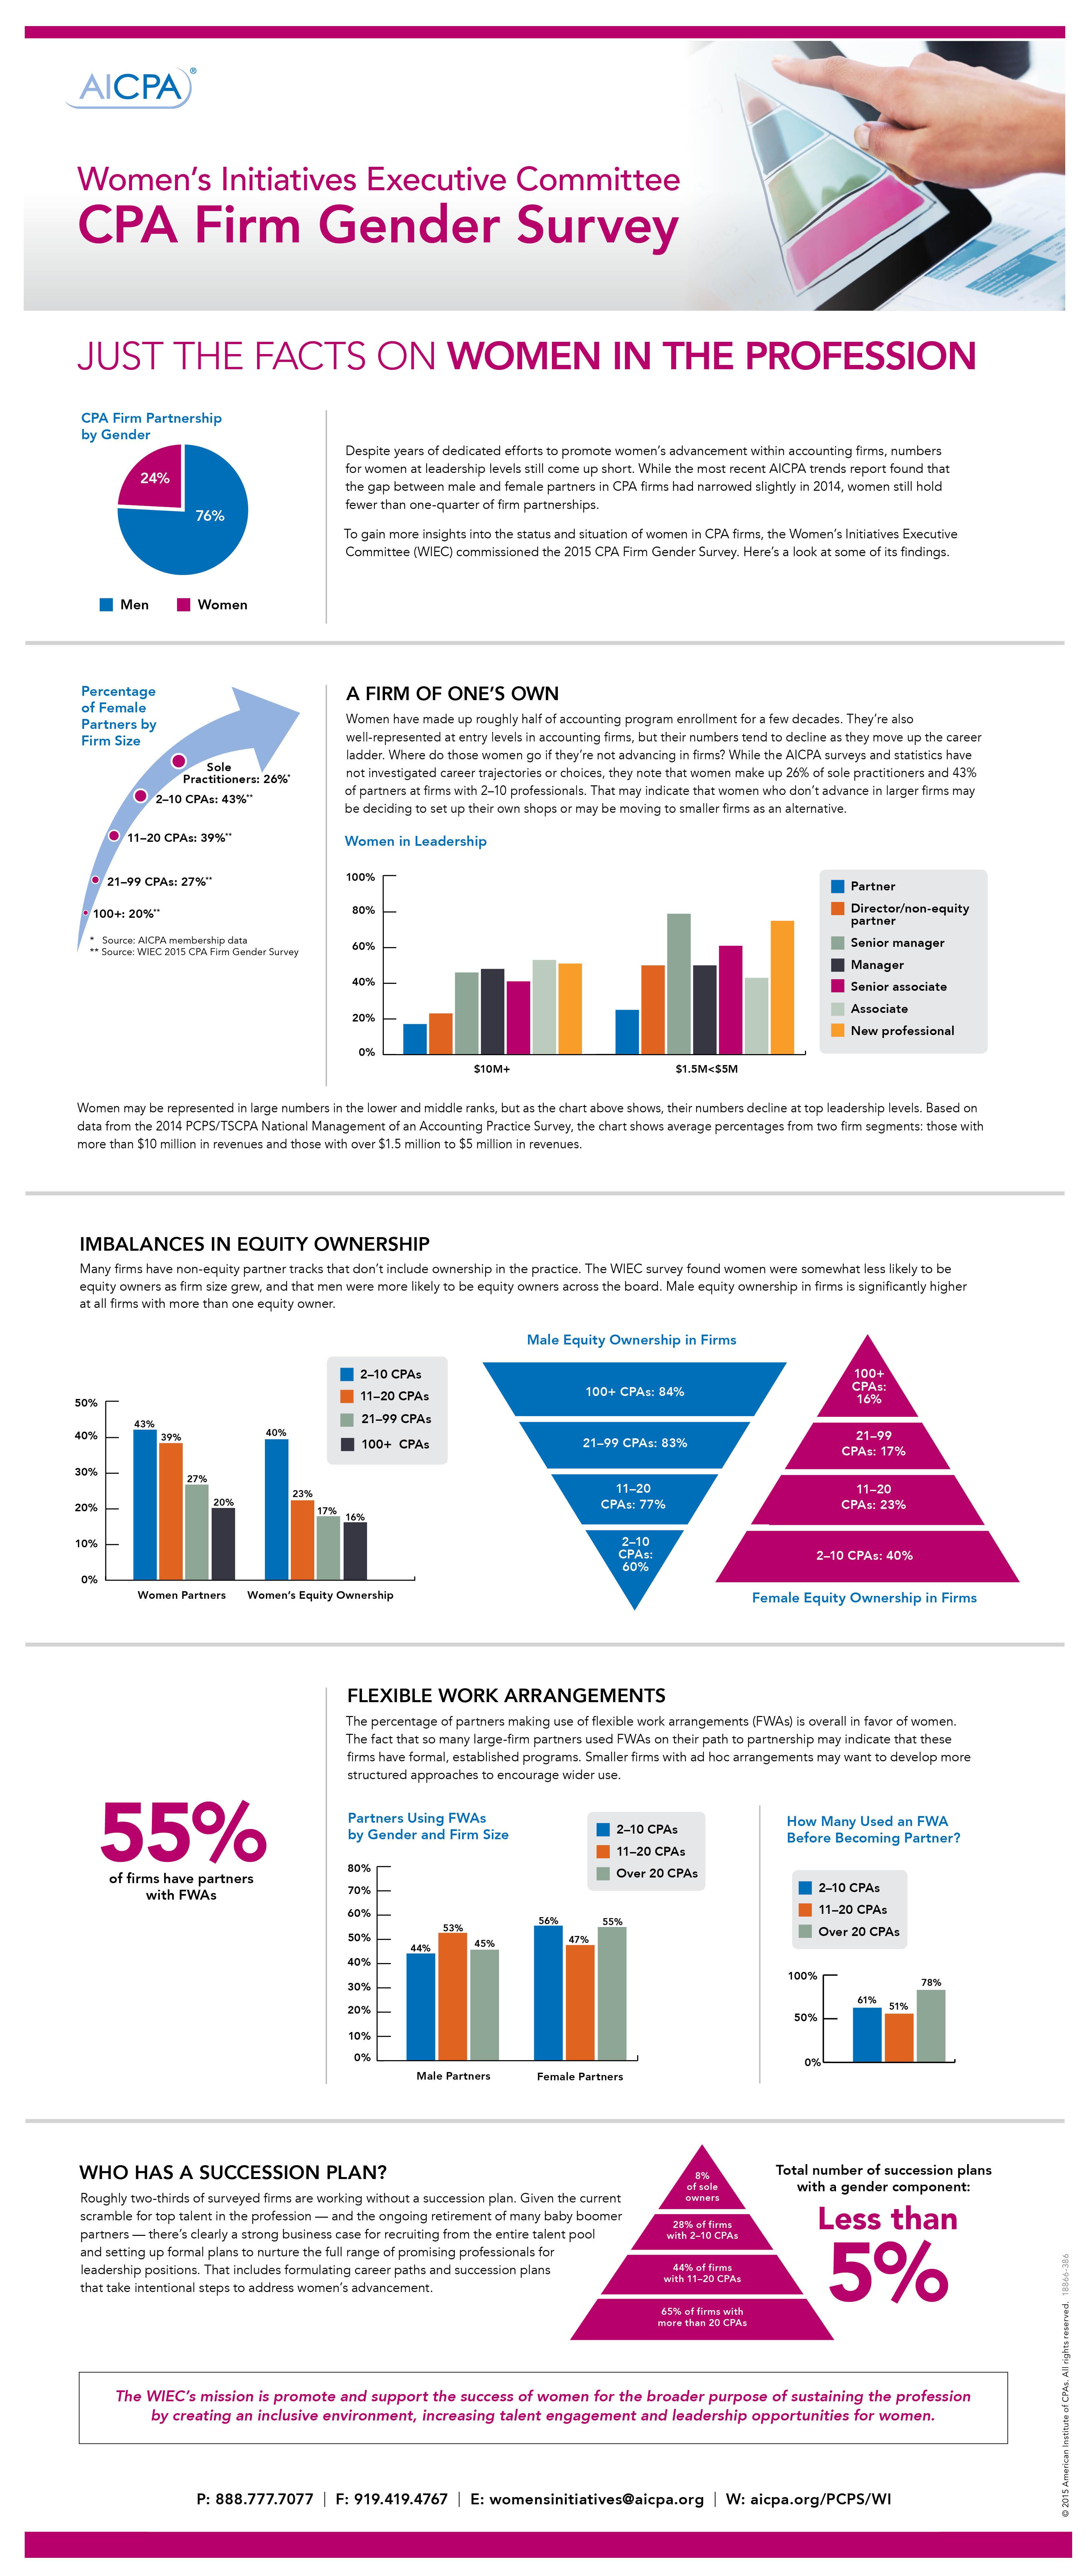 18866 386 WIEC CPA Firm Gender Survey Infographic_HighRez